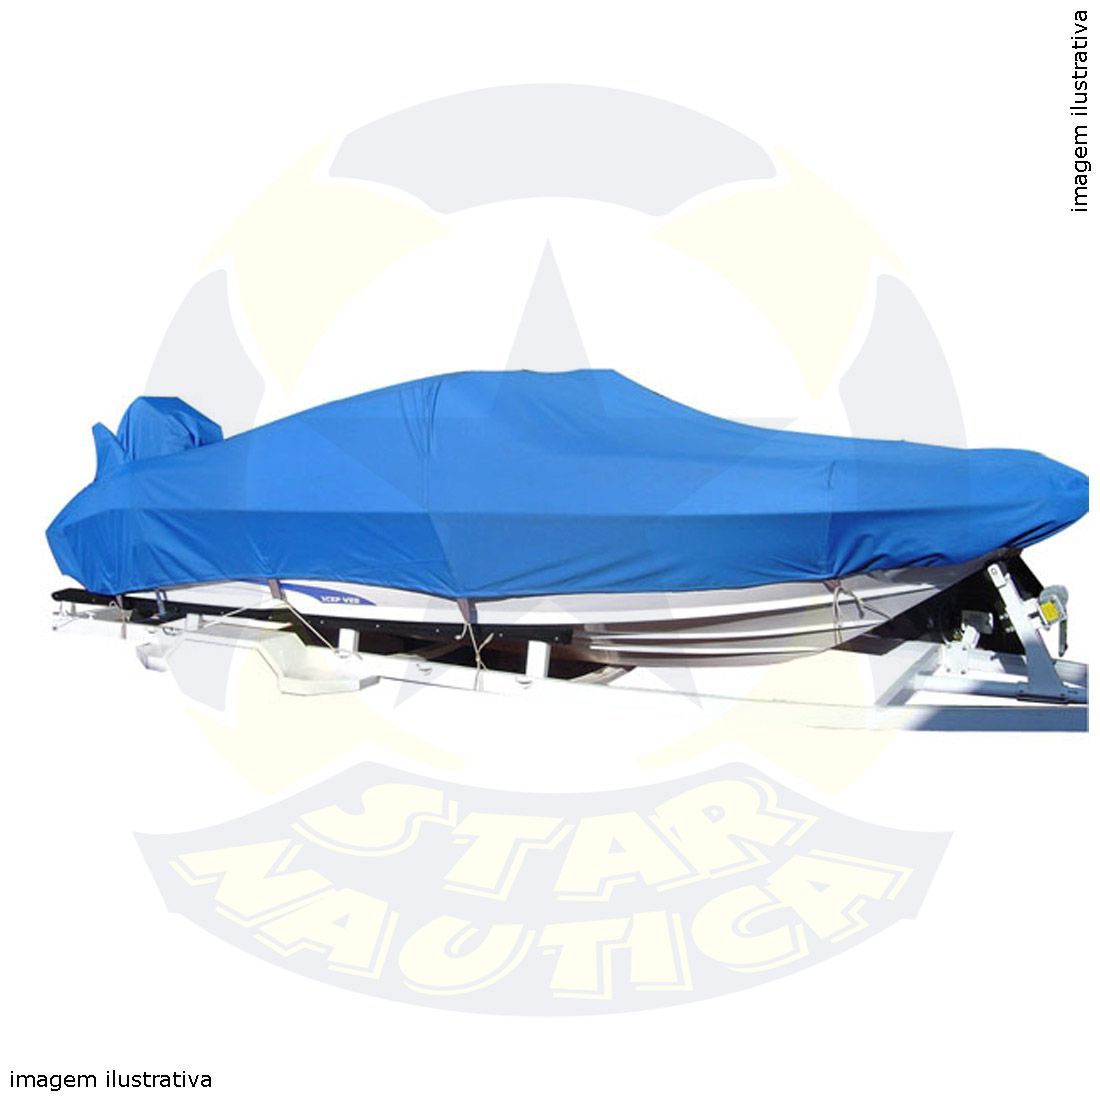 Capa Lona de Cobertura Lancha FS 180 Lona Vinílica